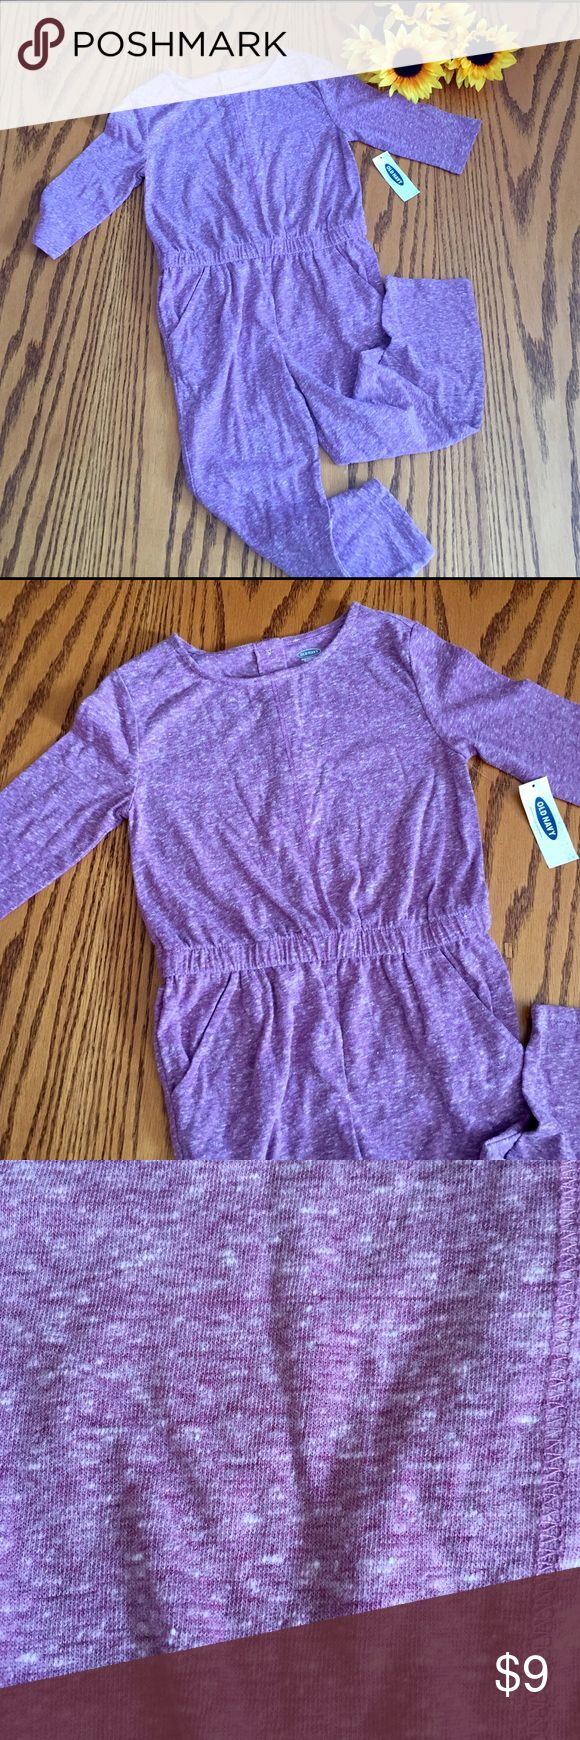 🆕!!! Old Navy Purple One piece Pj's. Size 4T 🆕!!! Old Navy Purple One piece Pj's. Cotton/poly. Size 4T Old Navy Pajamas Pajama Sets